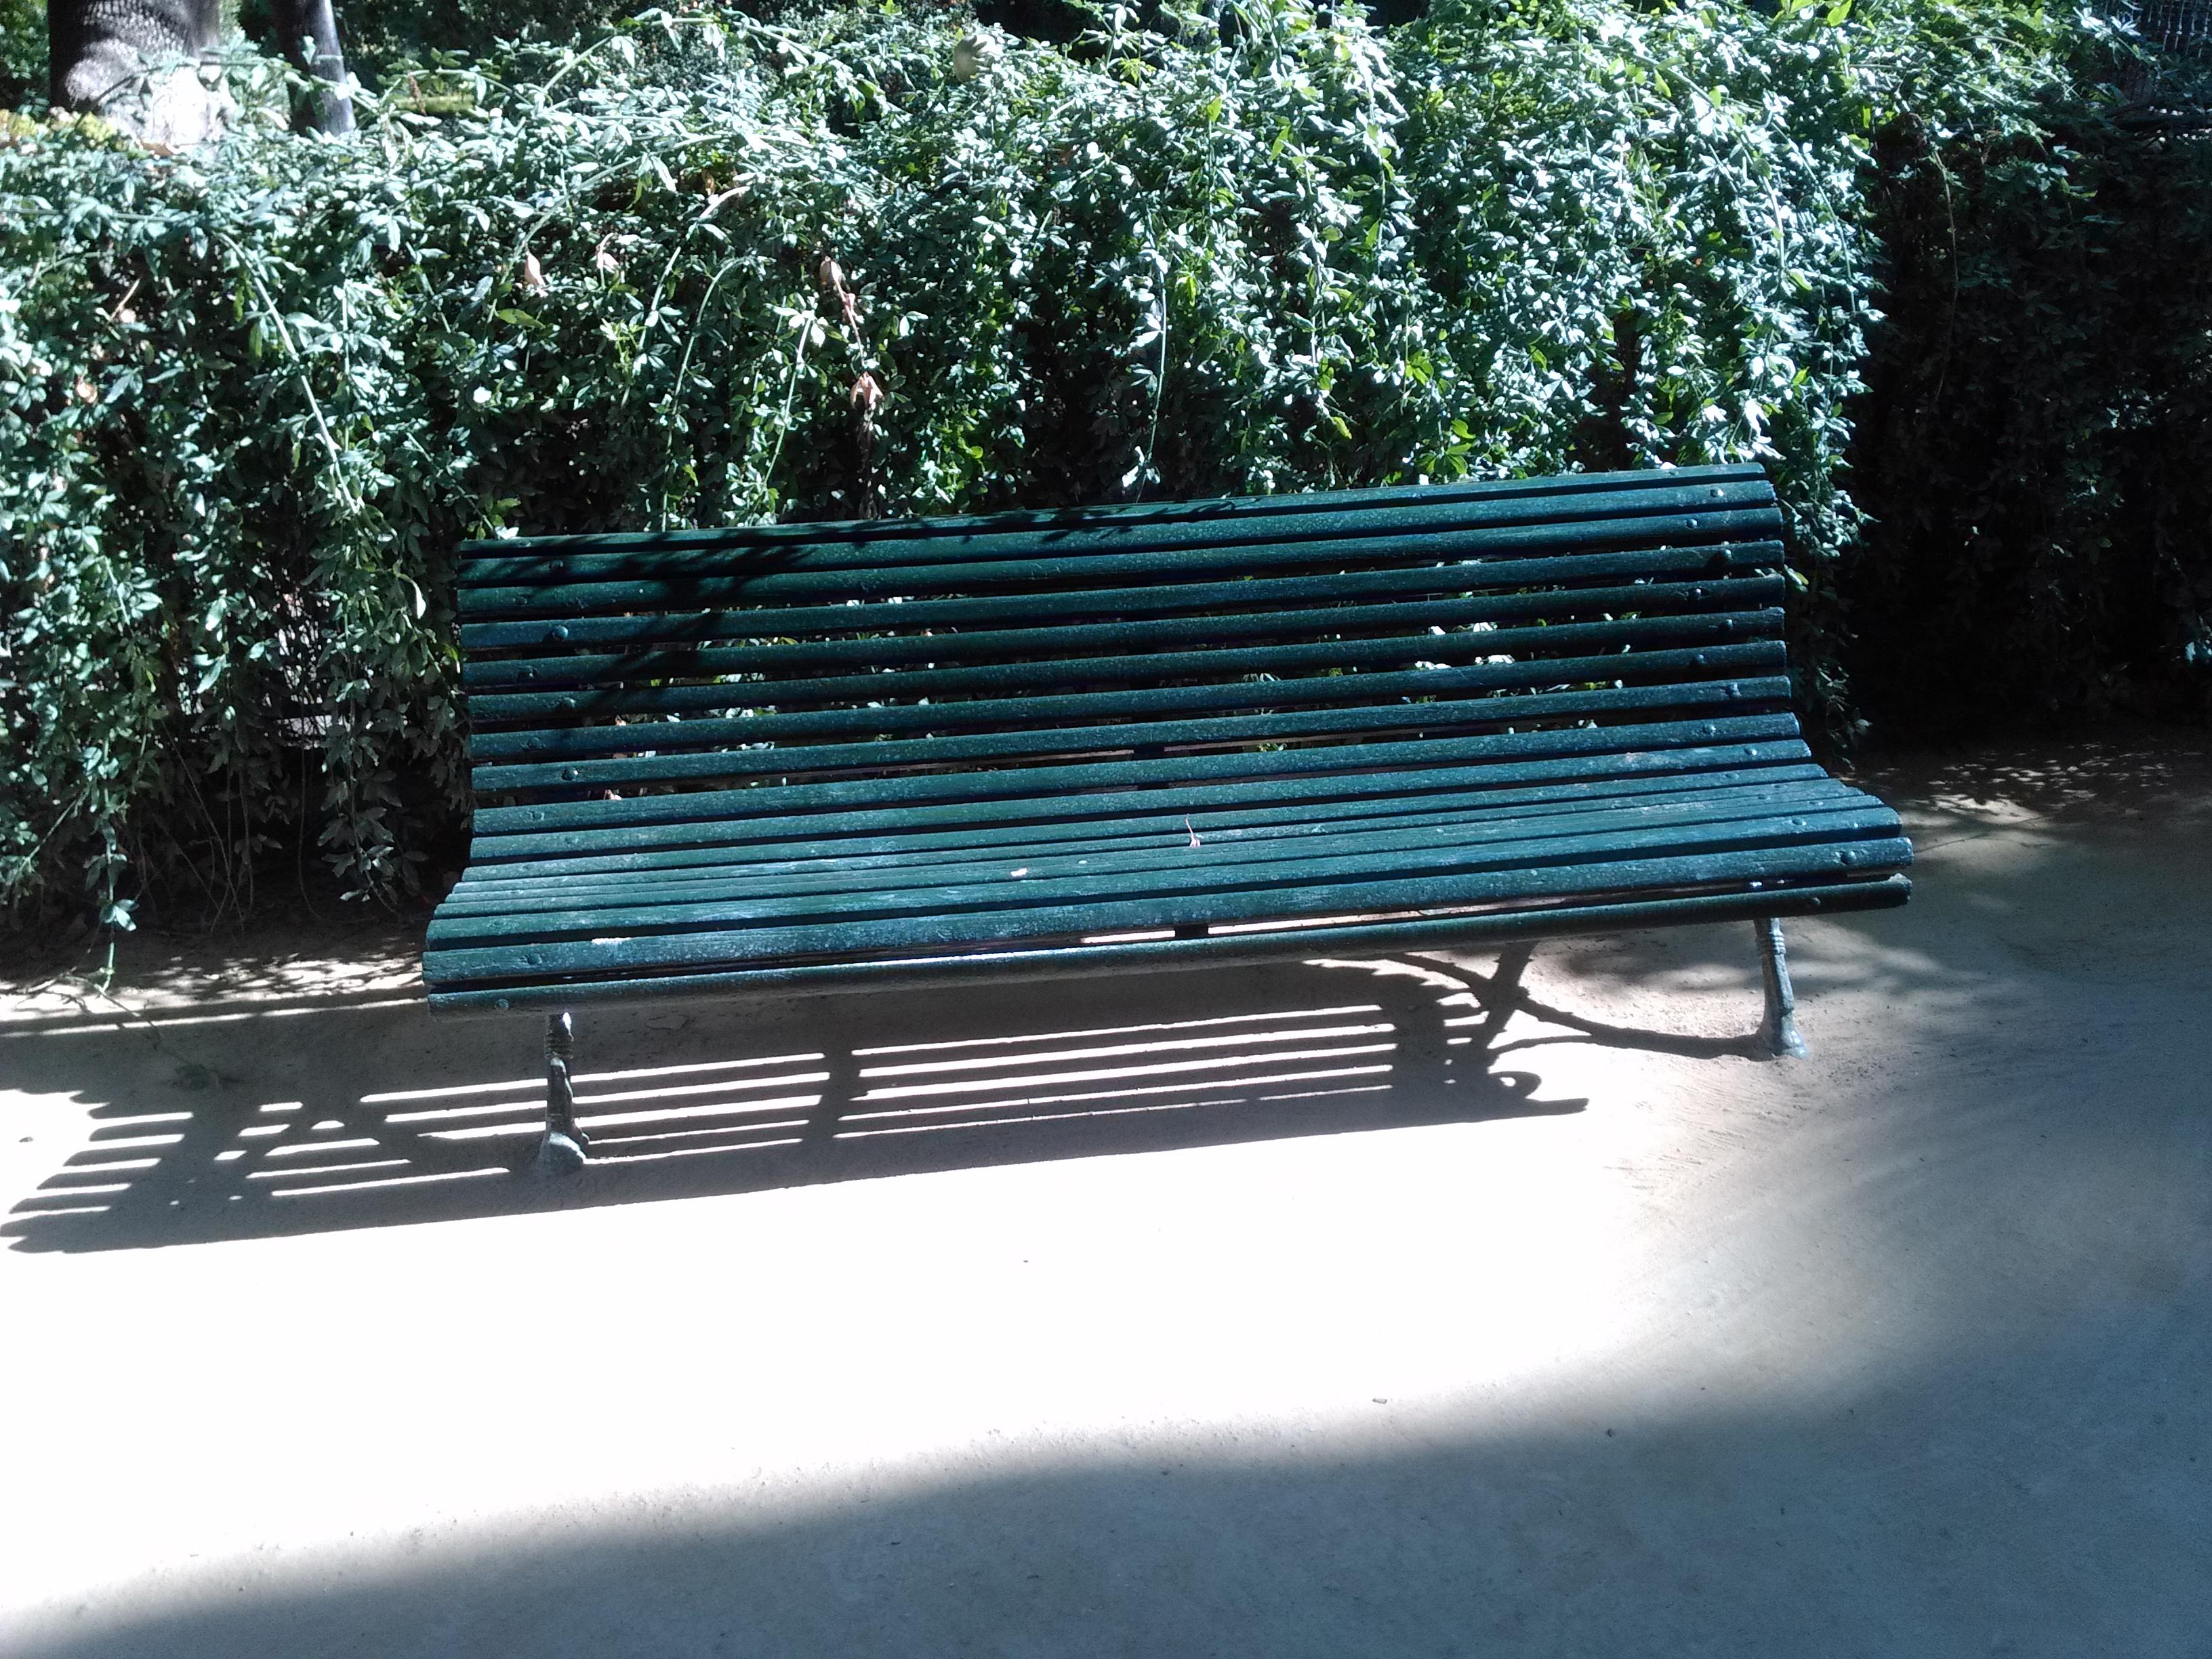 Imagenes De Bancos Para Sentarse Good Banco Ikea Asiento With  ~ Imagenes De Bancos Para Sentarse